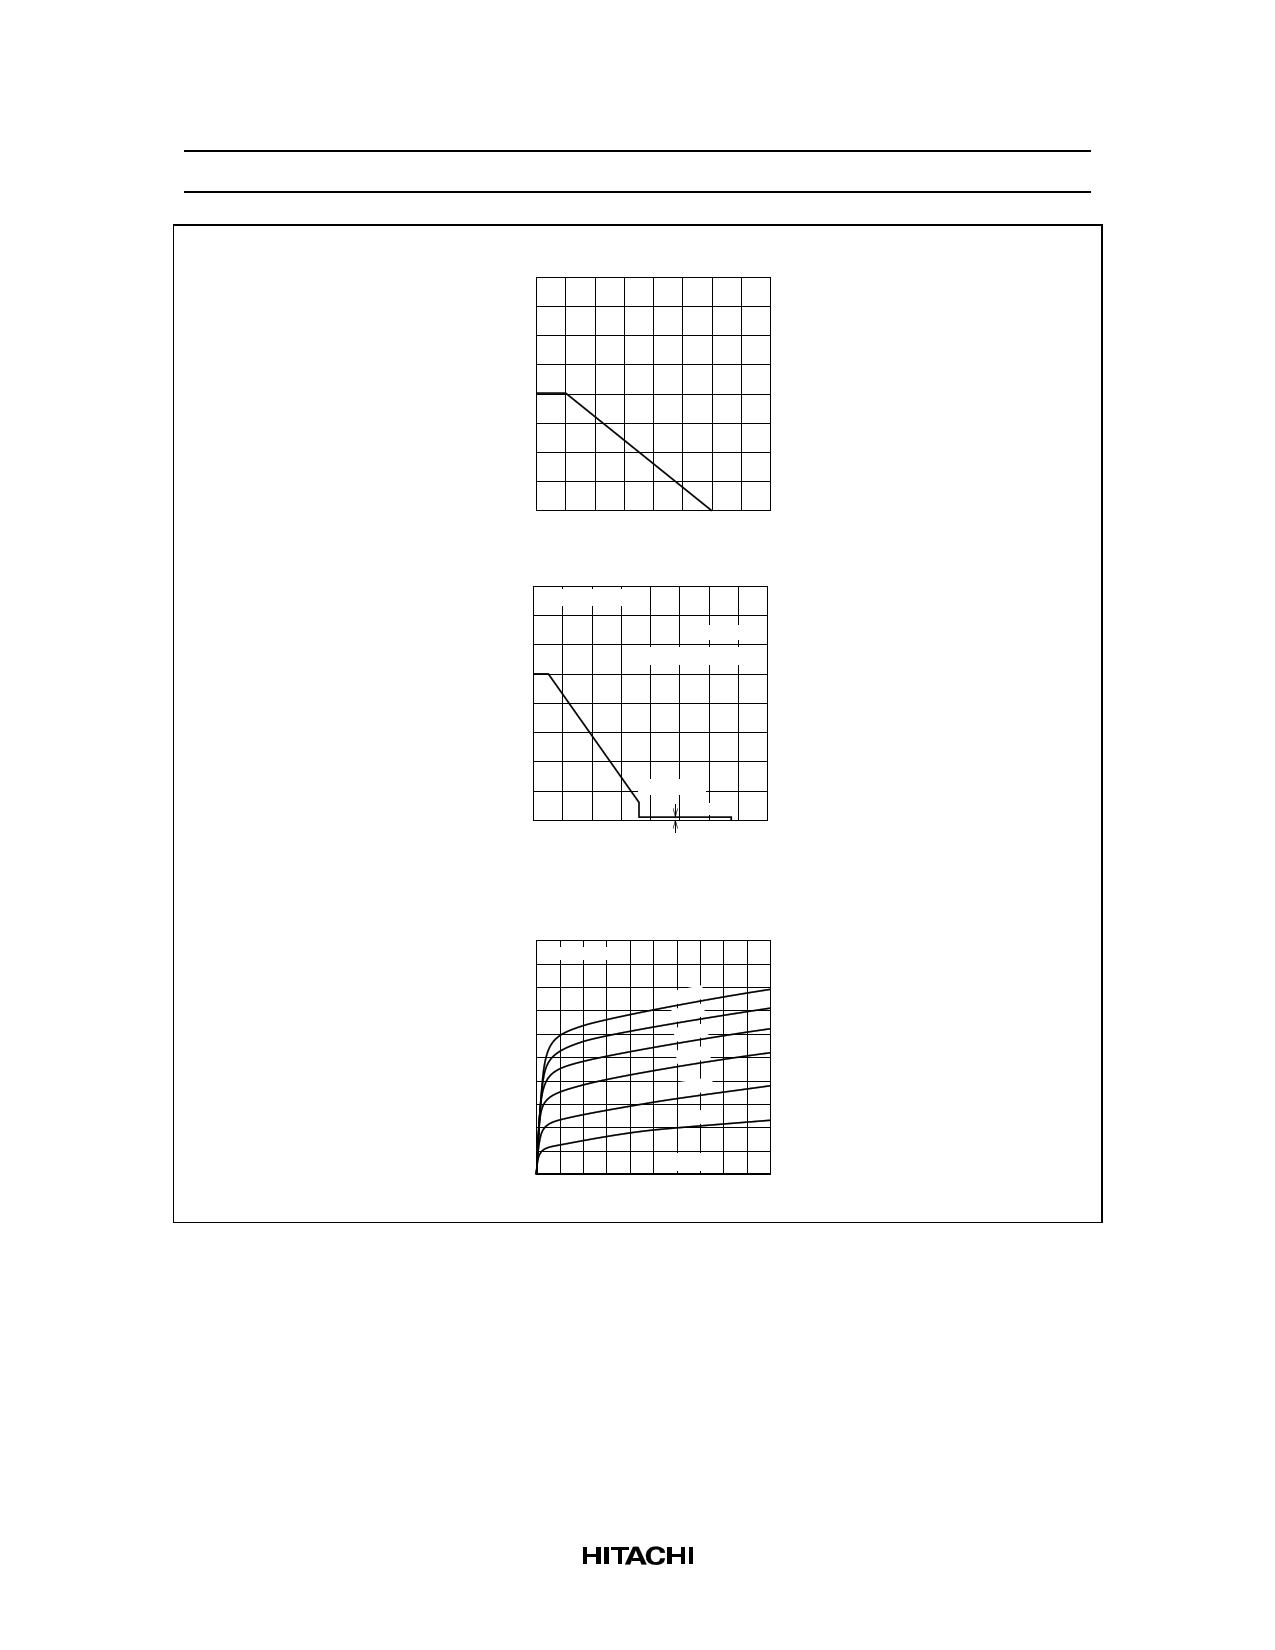 C5057 pdf, ピン配列